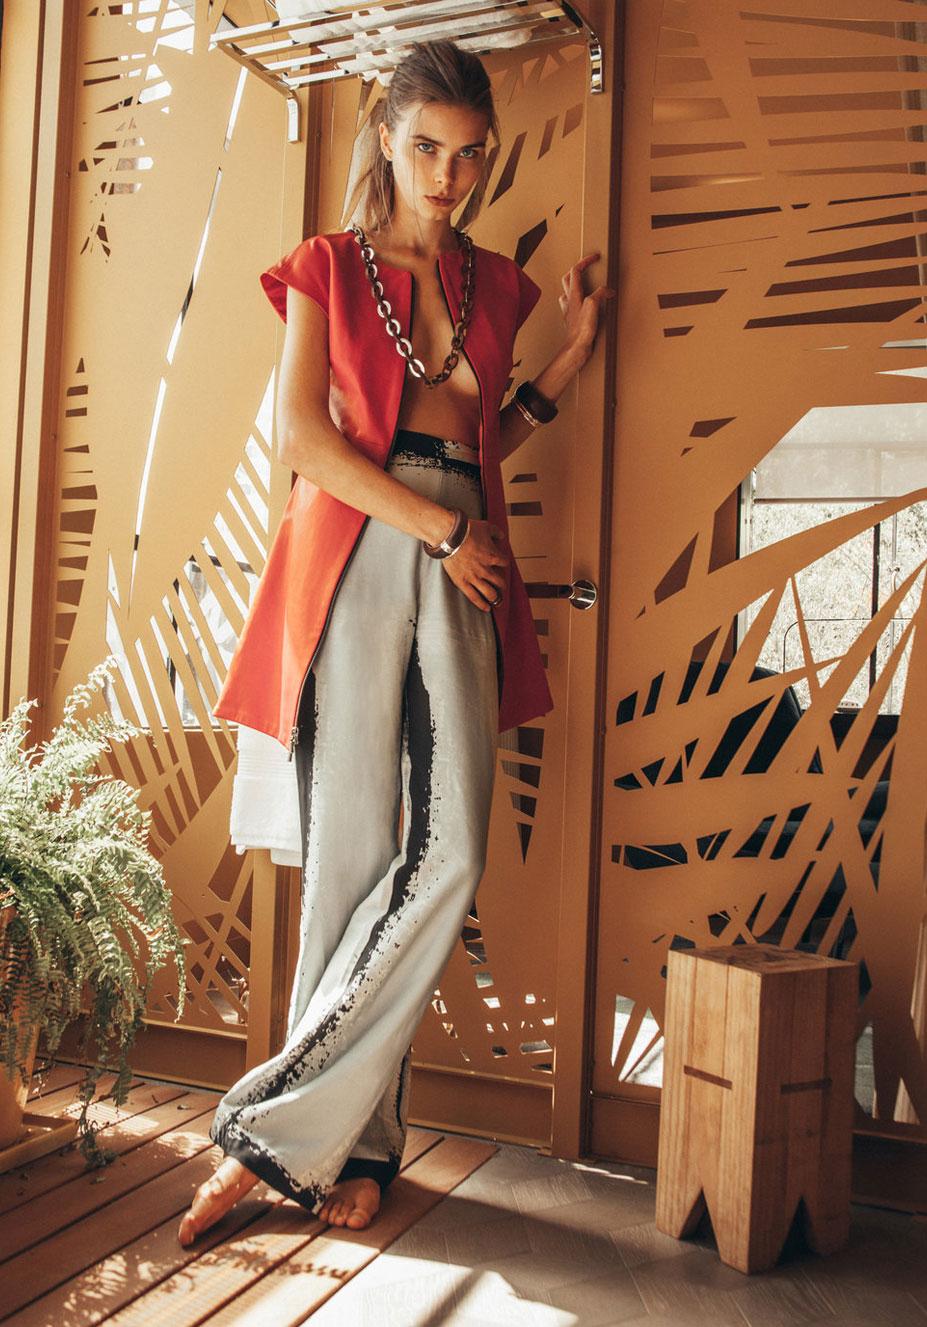 Анна Штольц тестирует модную одежду / фото 17